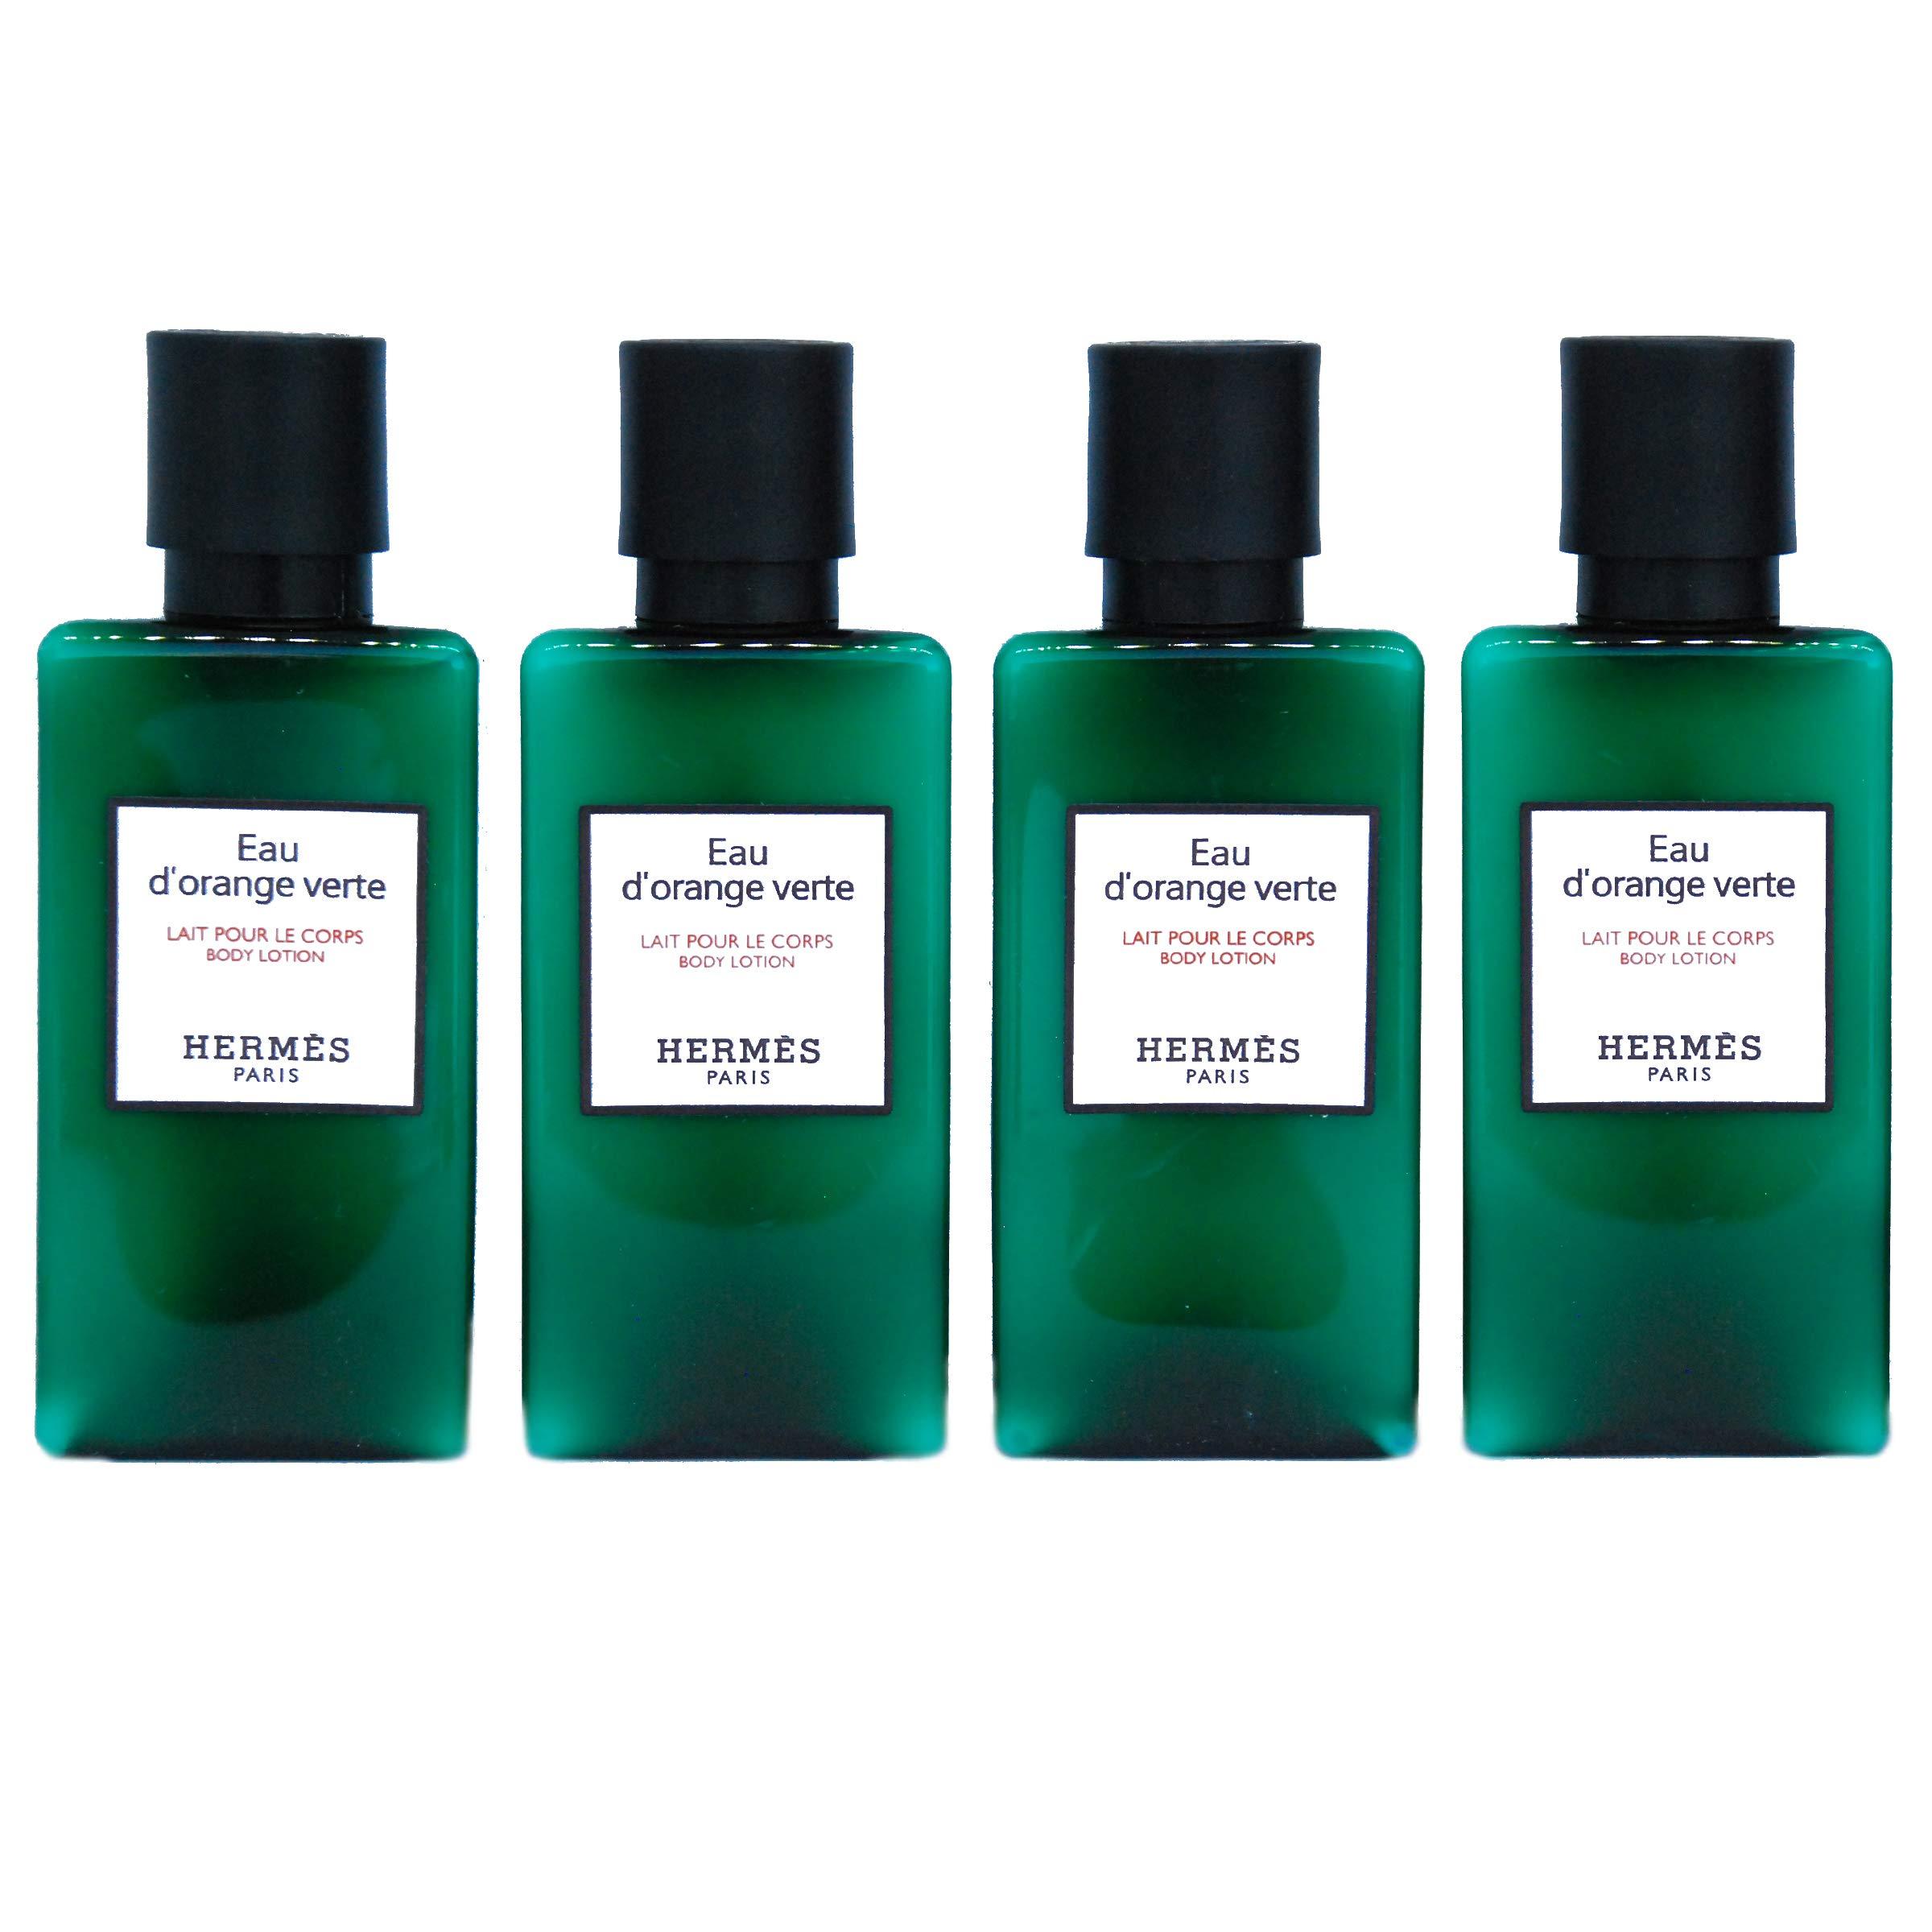 Hermes Eau d'Orange Verte Luxury Body Lotion (Lait Pour Le Corps) White Label in Bubble Bag - Set of 4 X 1.35 Ounce/40 ML Bottles, Total 5.4 Ounce/160 ML from Hermes Paris